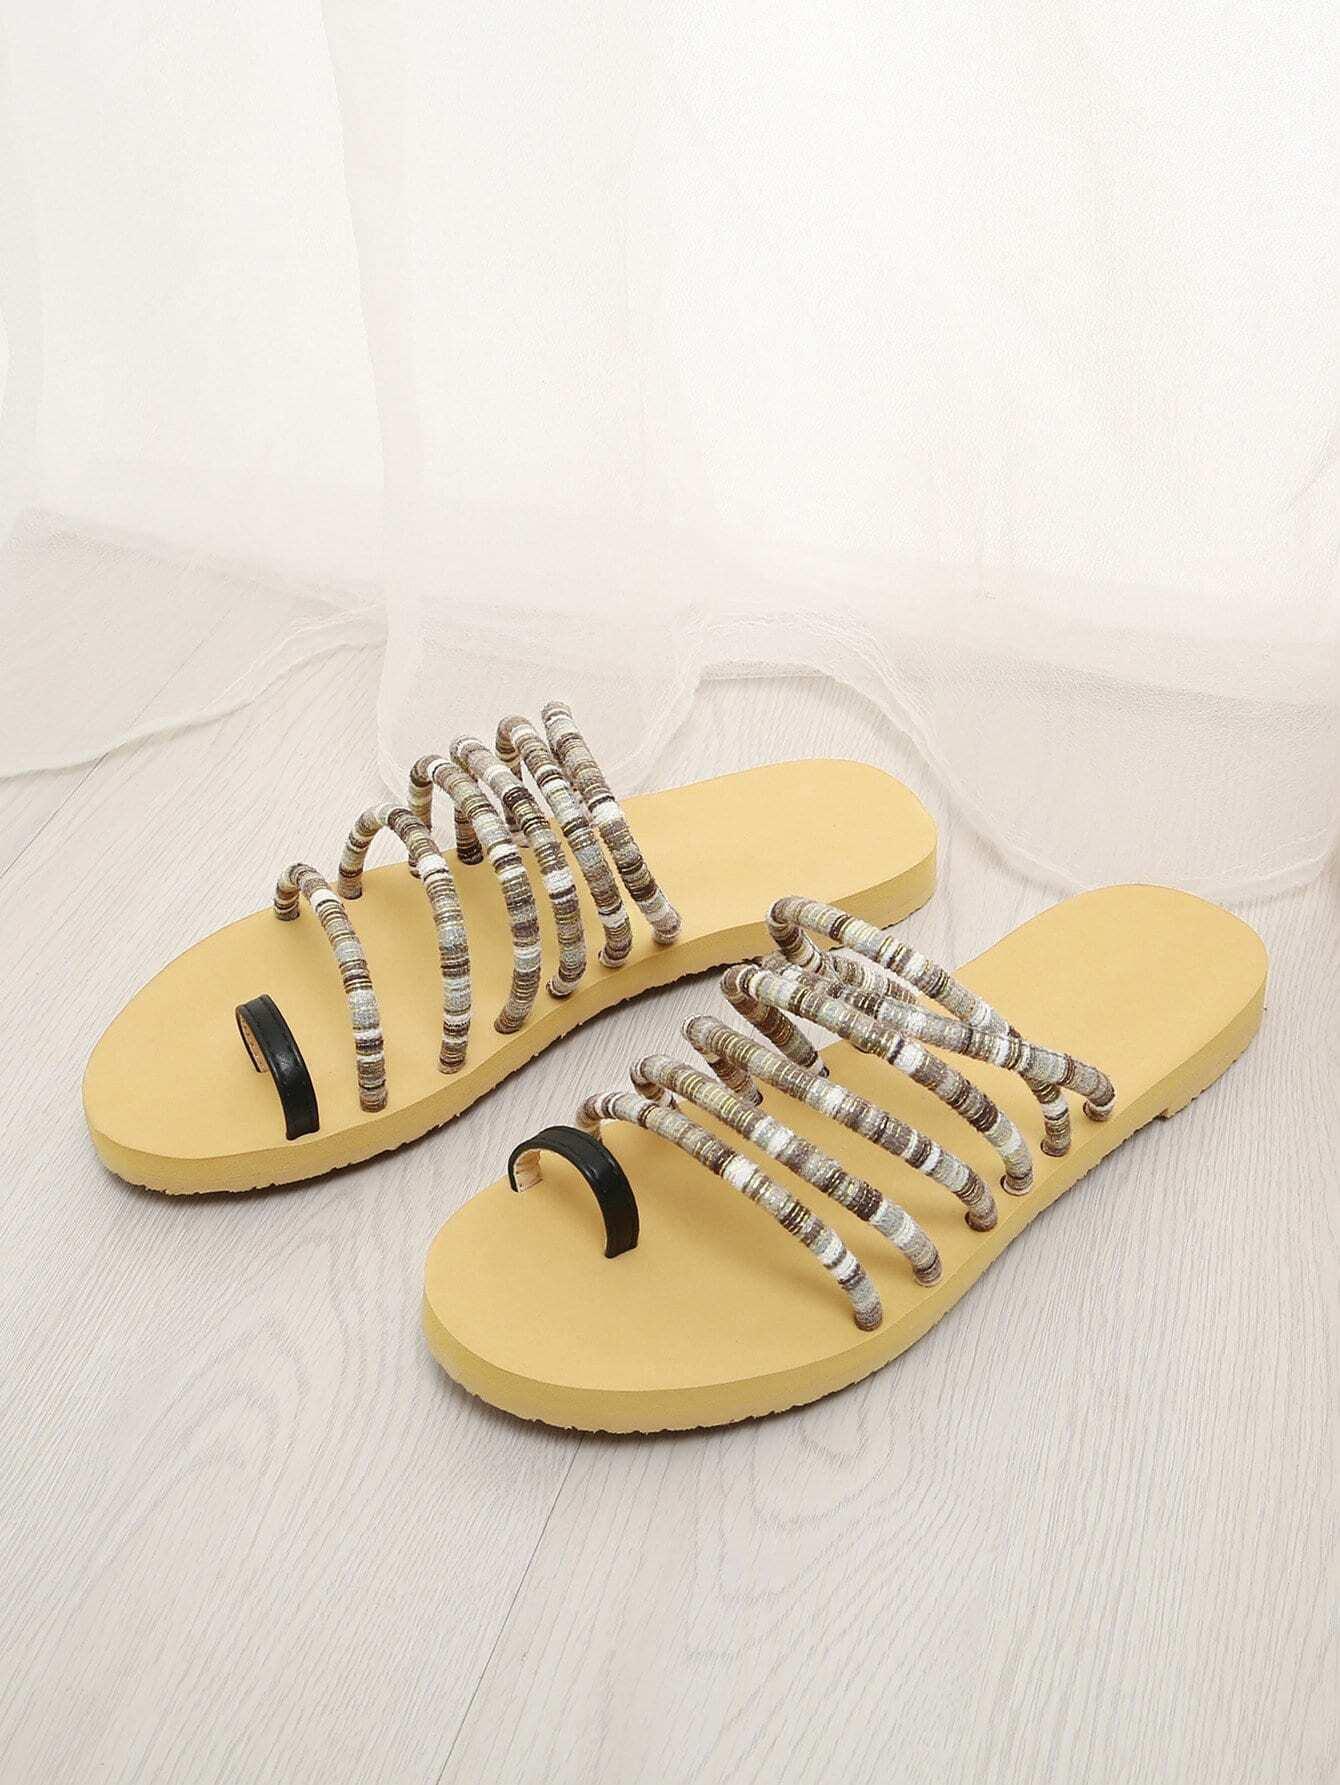 Купить Плоские сандалии с пальцами ног, null, SheIn